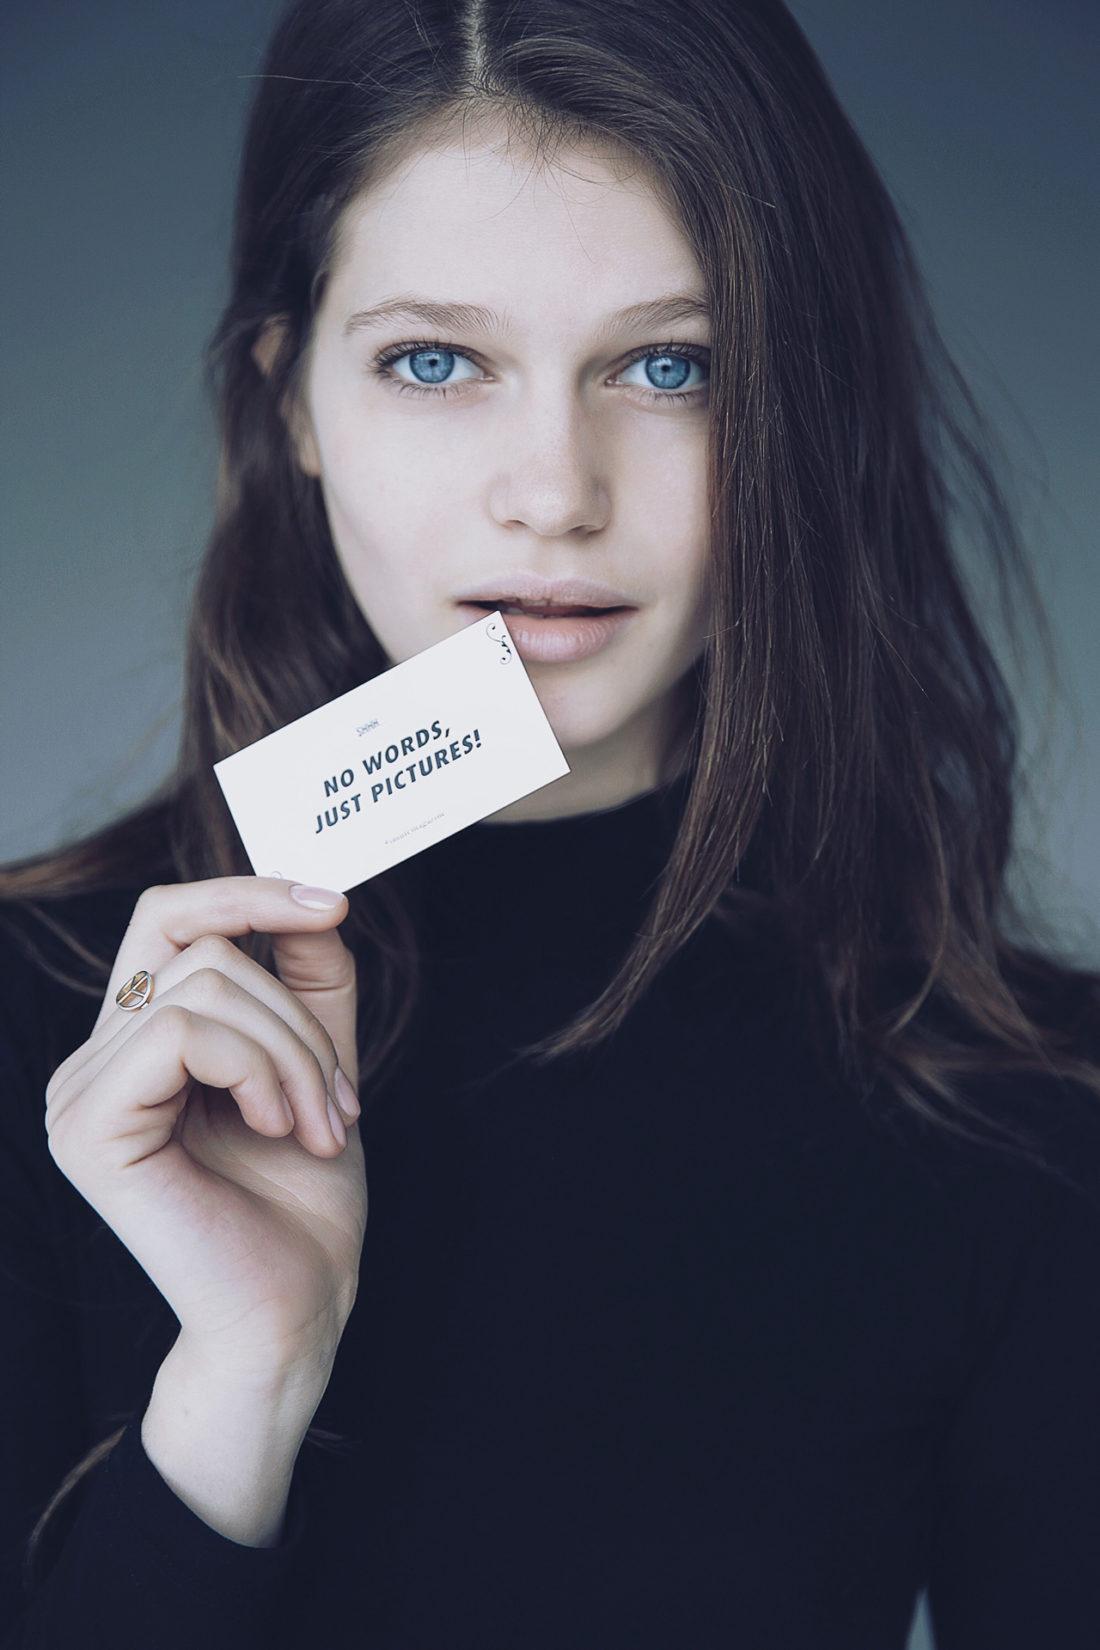 Marta Marghidanu #nowordsjustpictures